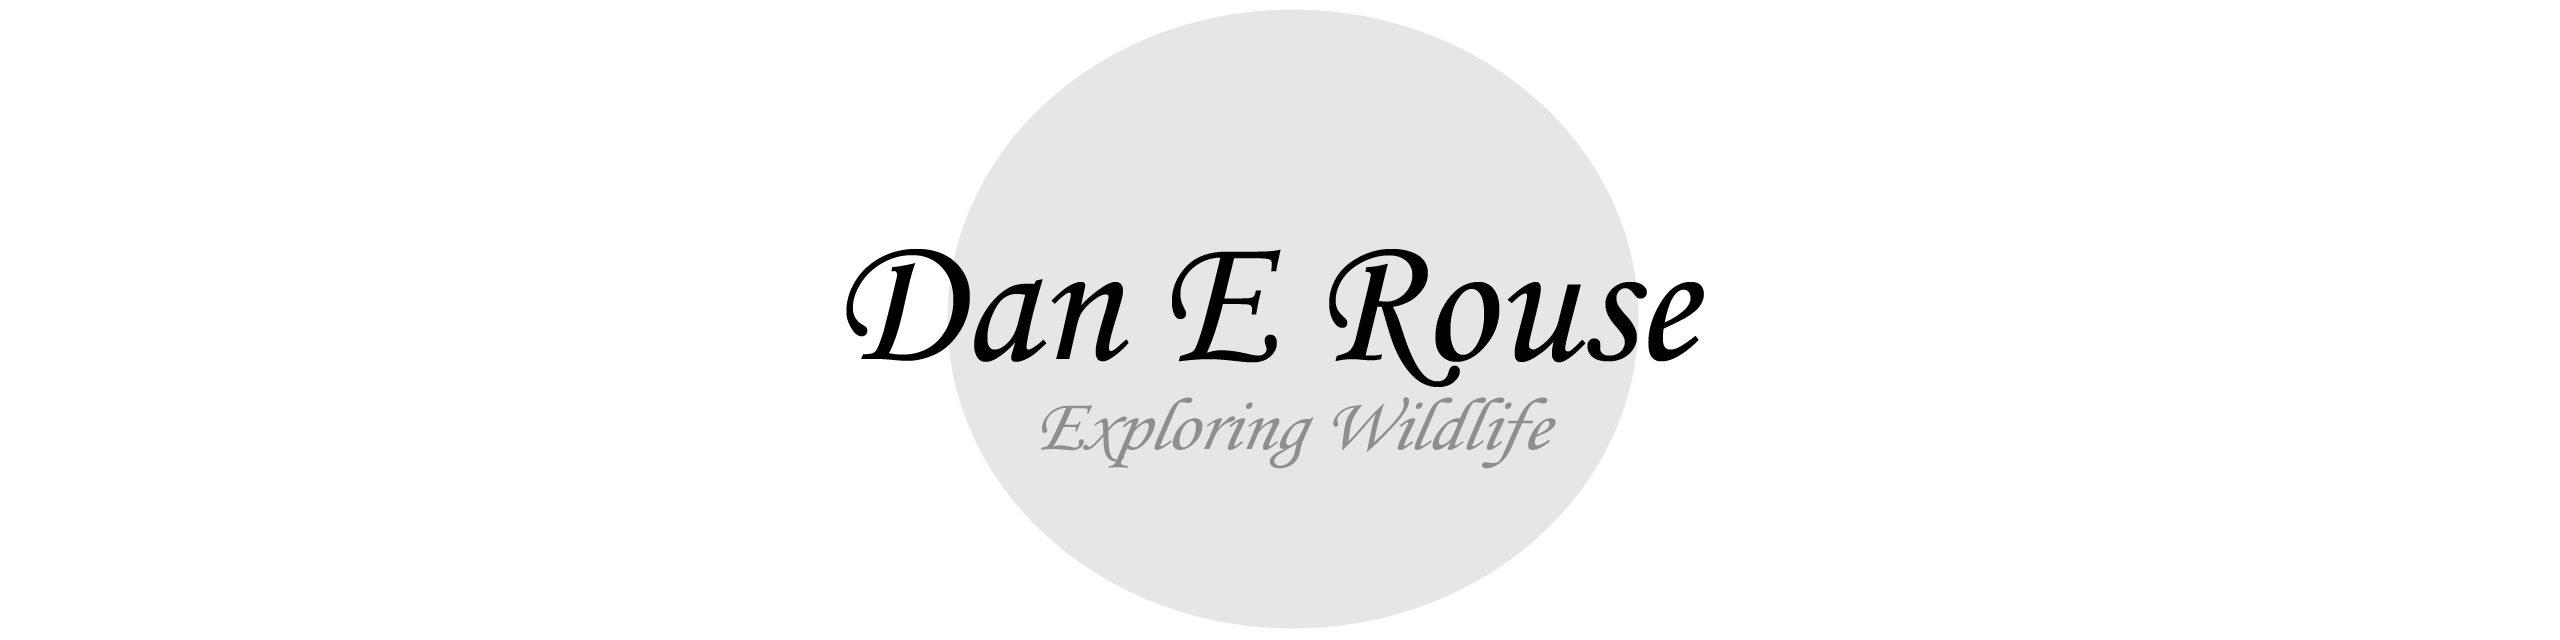 Dan E Rouse